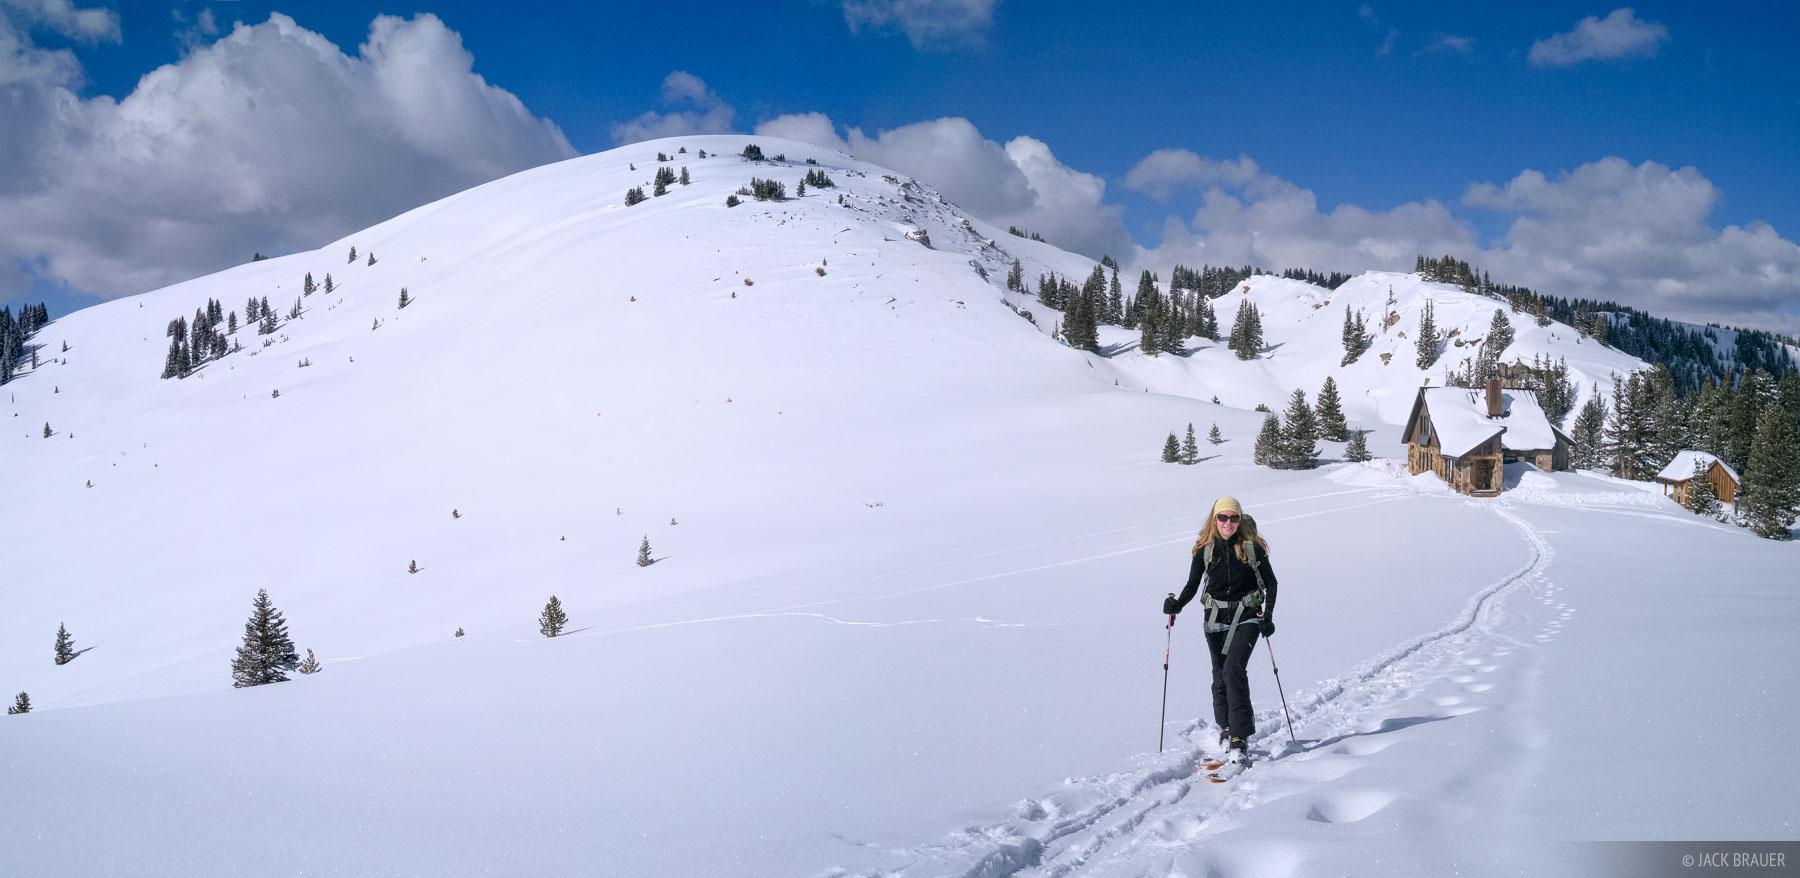 Resolution Mountain, Fowler/Hilliard Hut, Gore Range, Colorado, March, photo